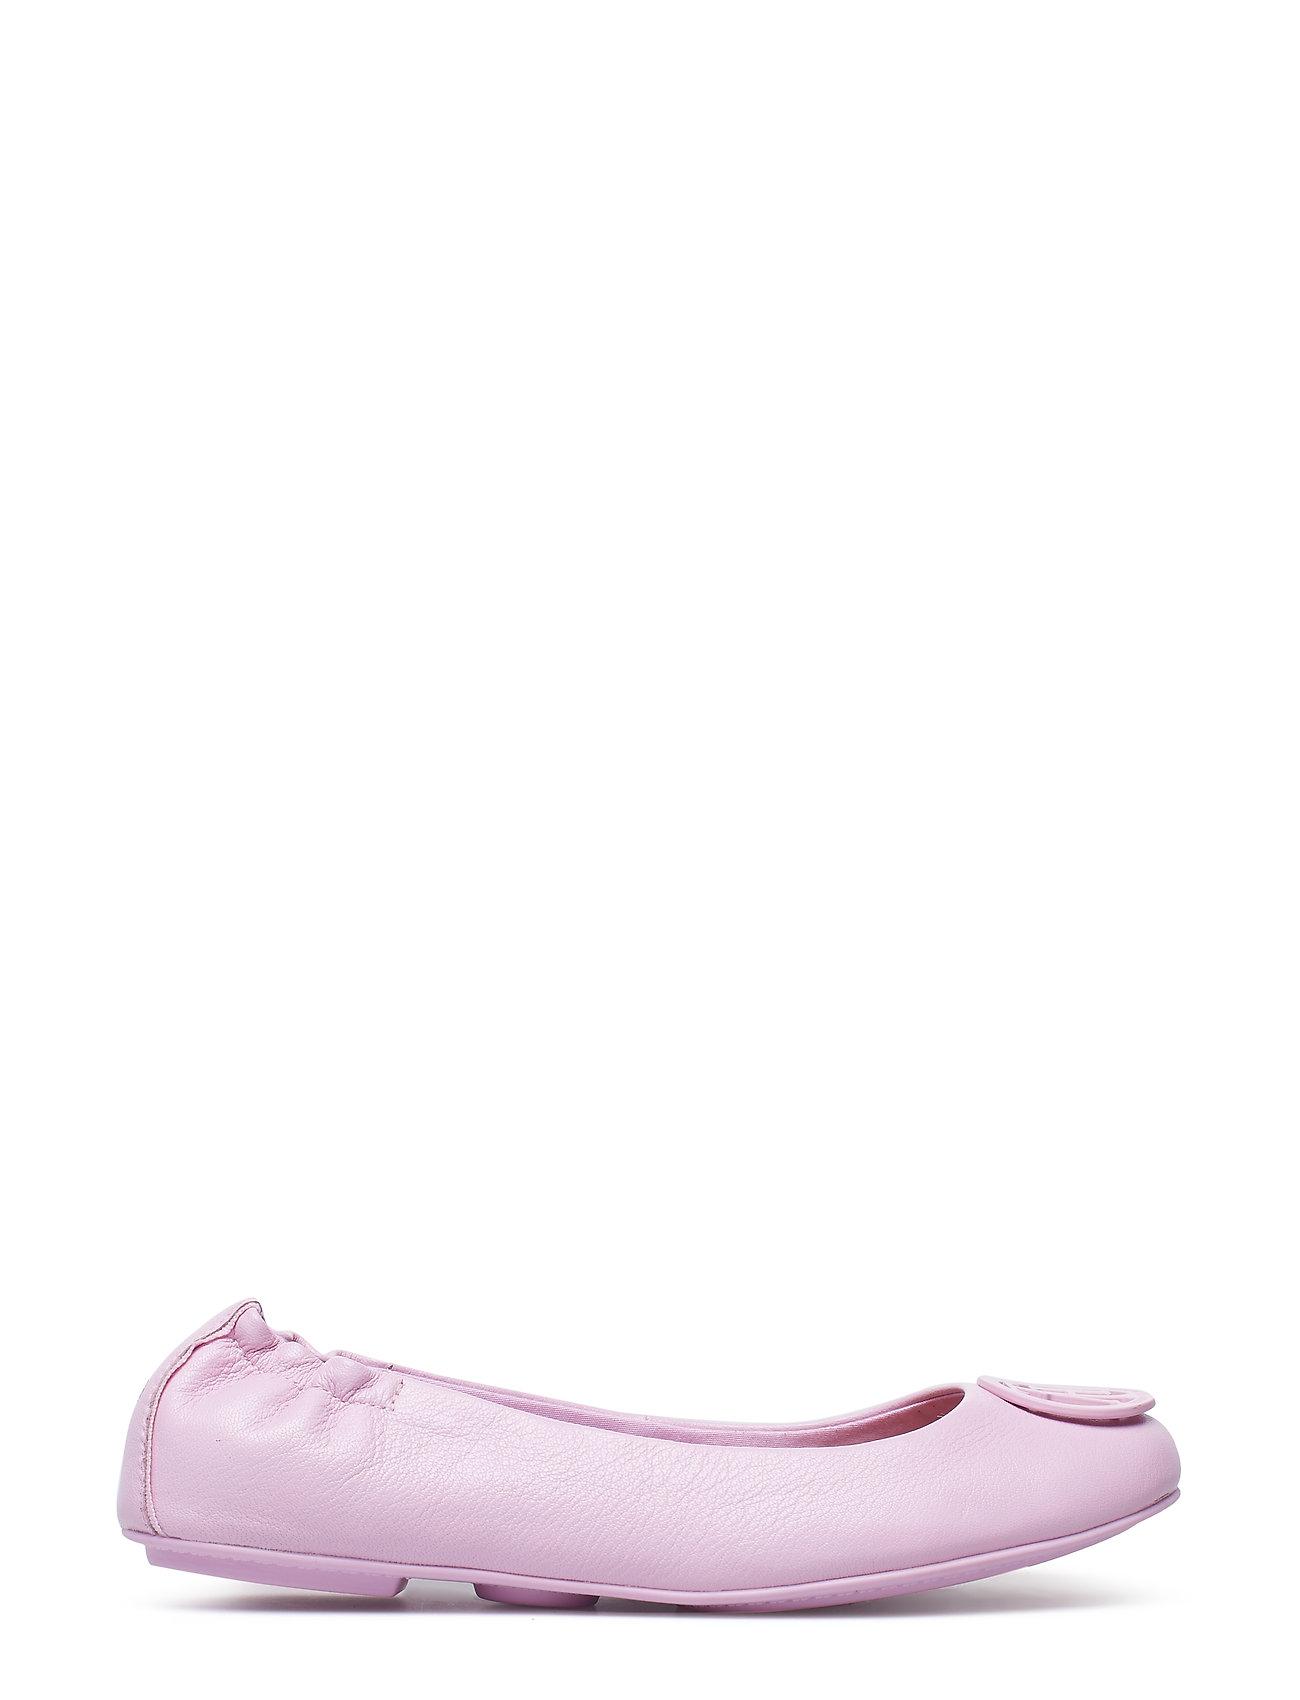 84f0e8180f5 Sort Tommy Hilfiger Appleton 18a ballerina sko for dame - Pashion.dk